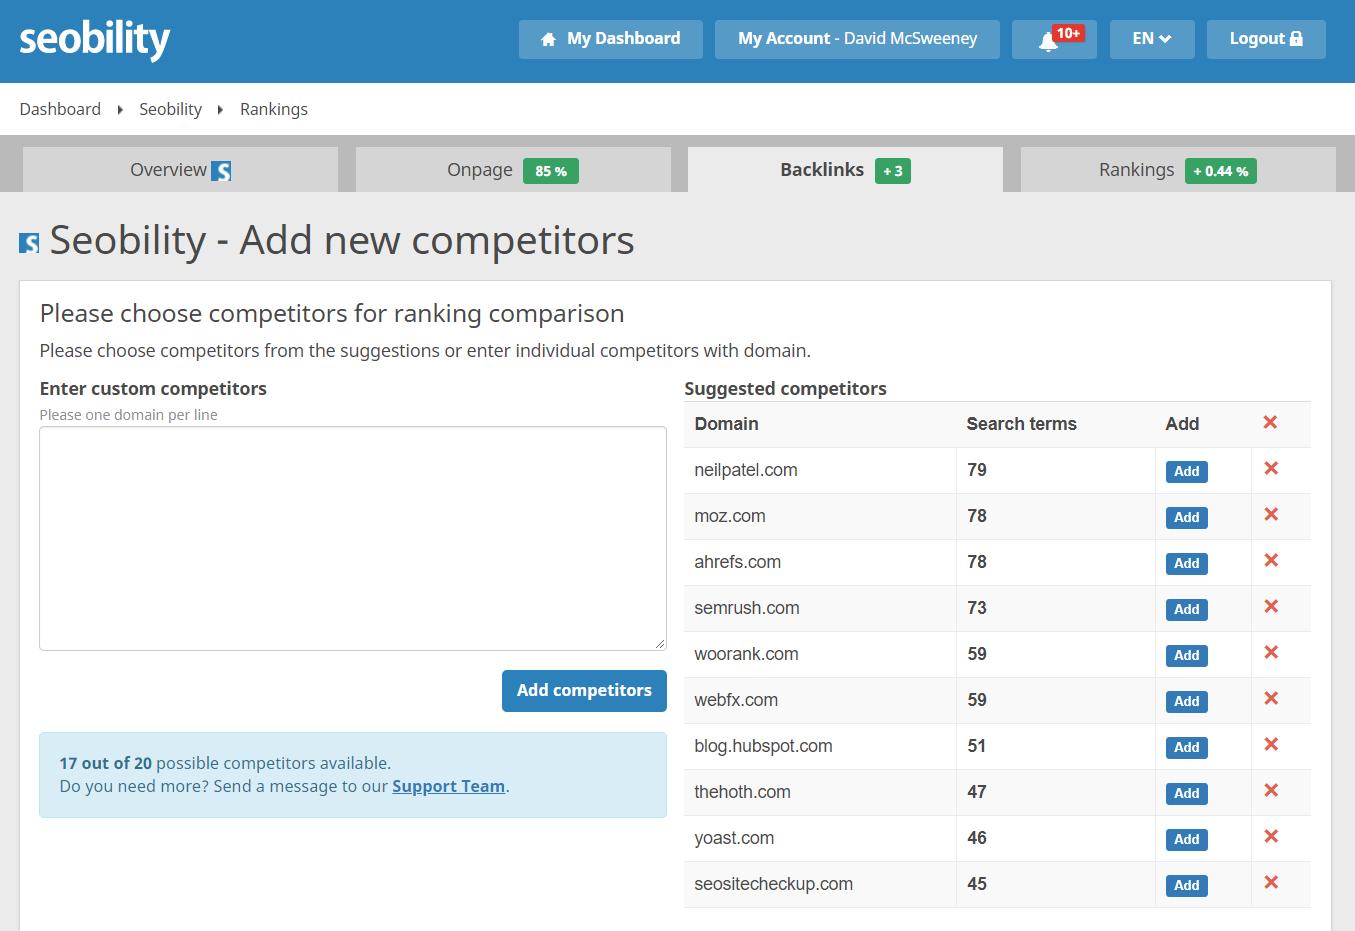 seobility add competitors